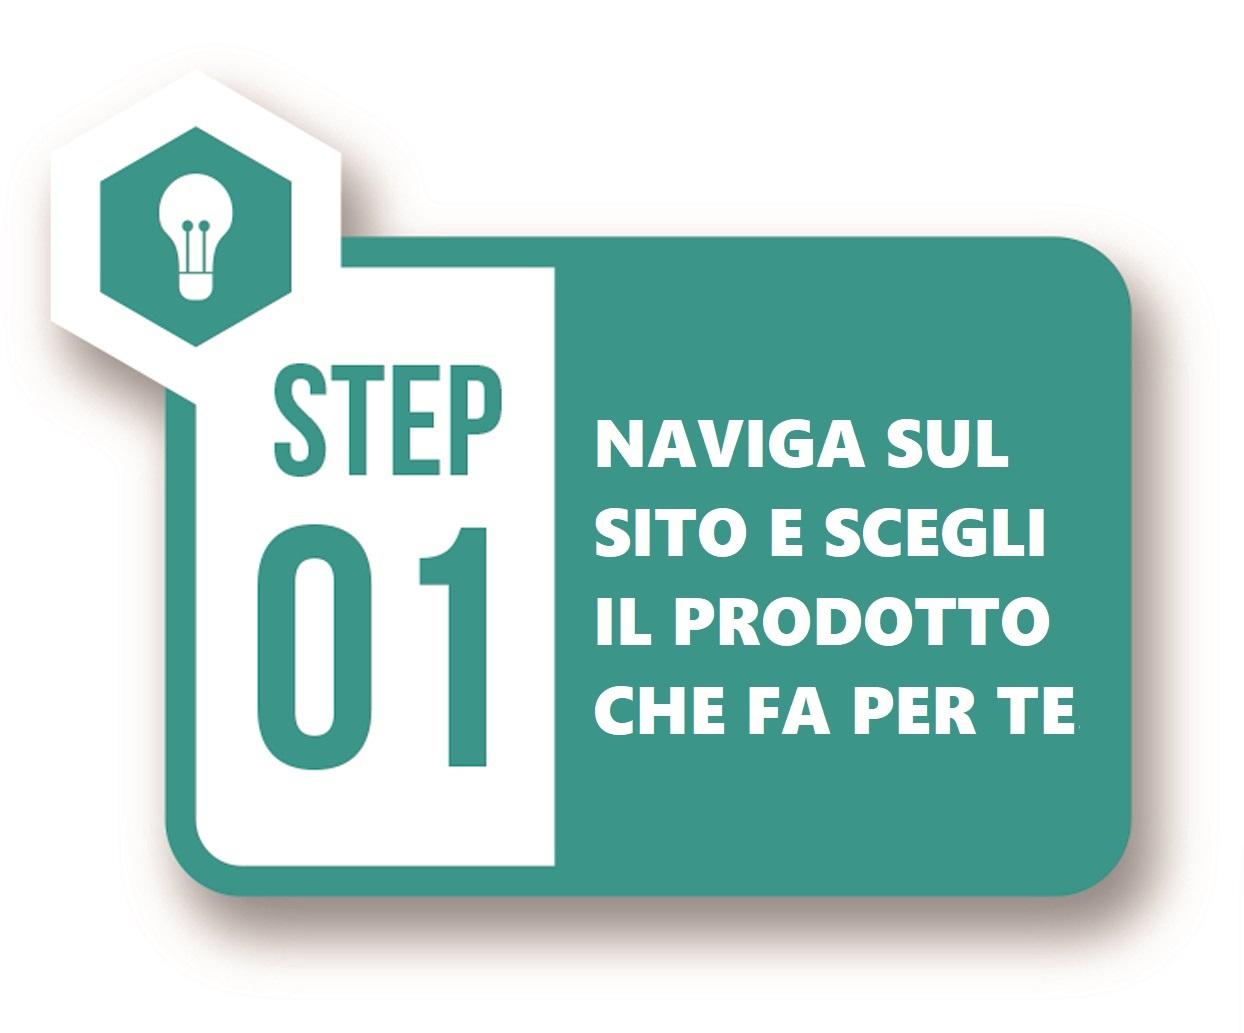 STEP 1 1.jpg